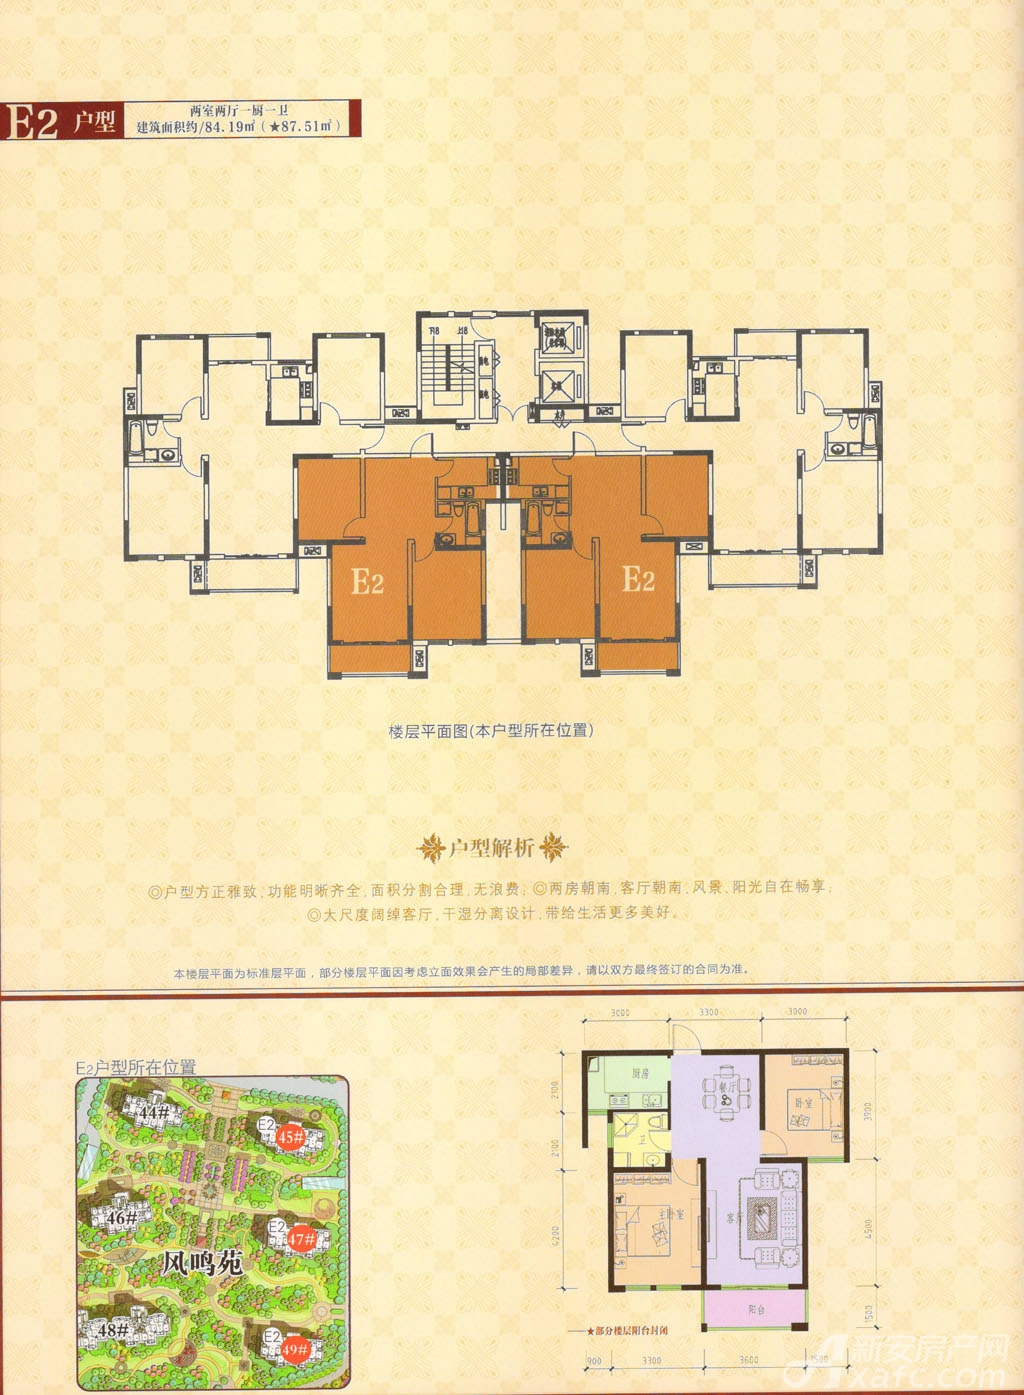 奇瑞新里城奇瑞新里城E2户型2室2厅87.51平米